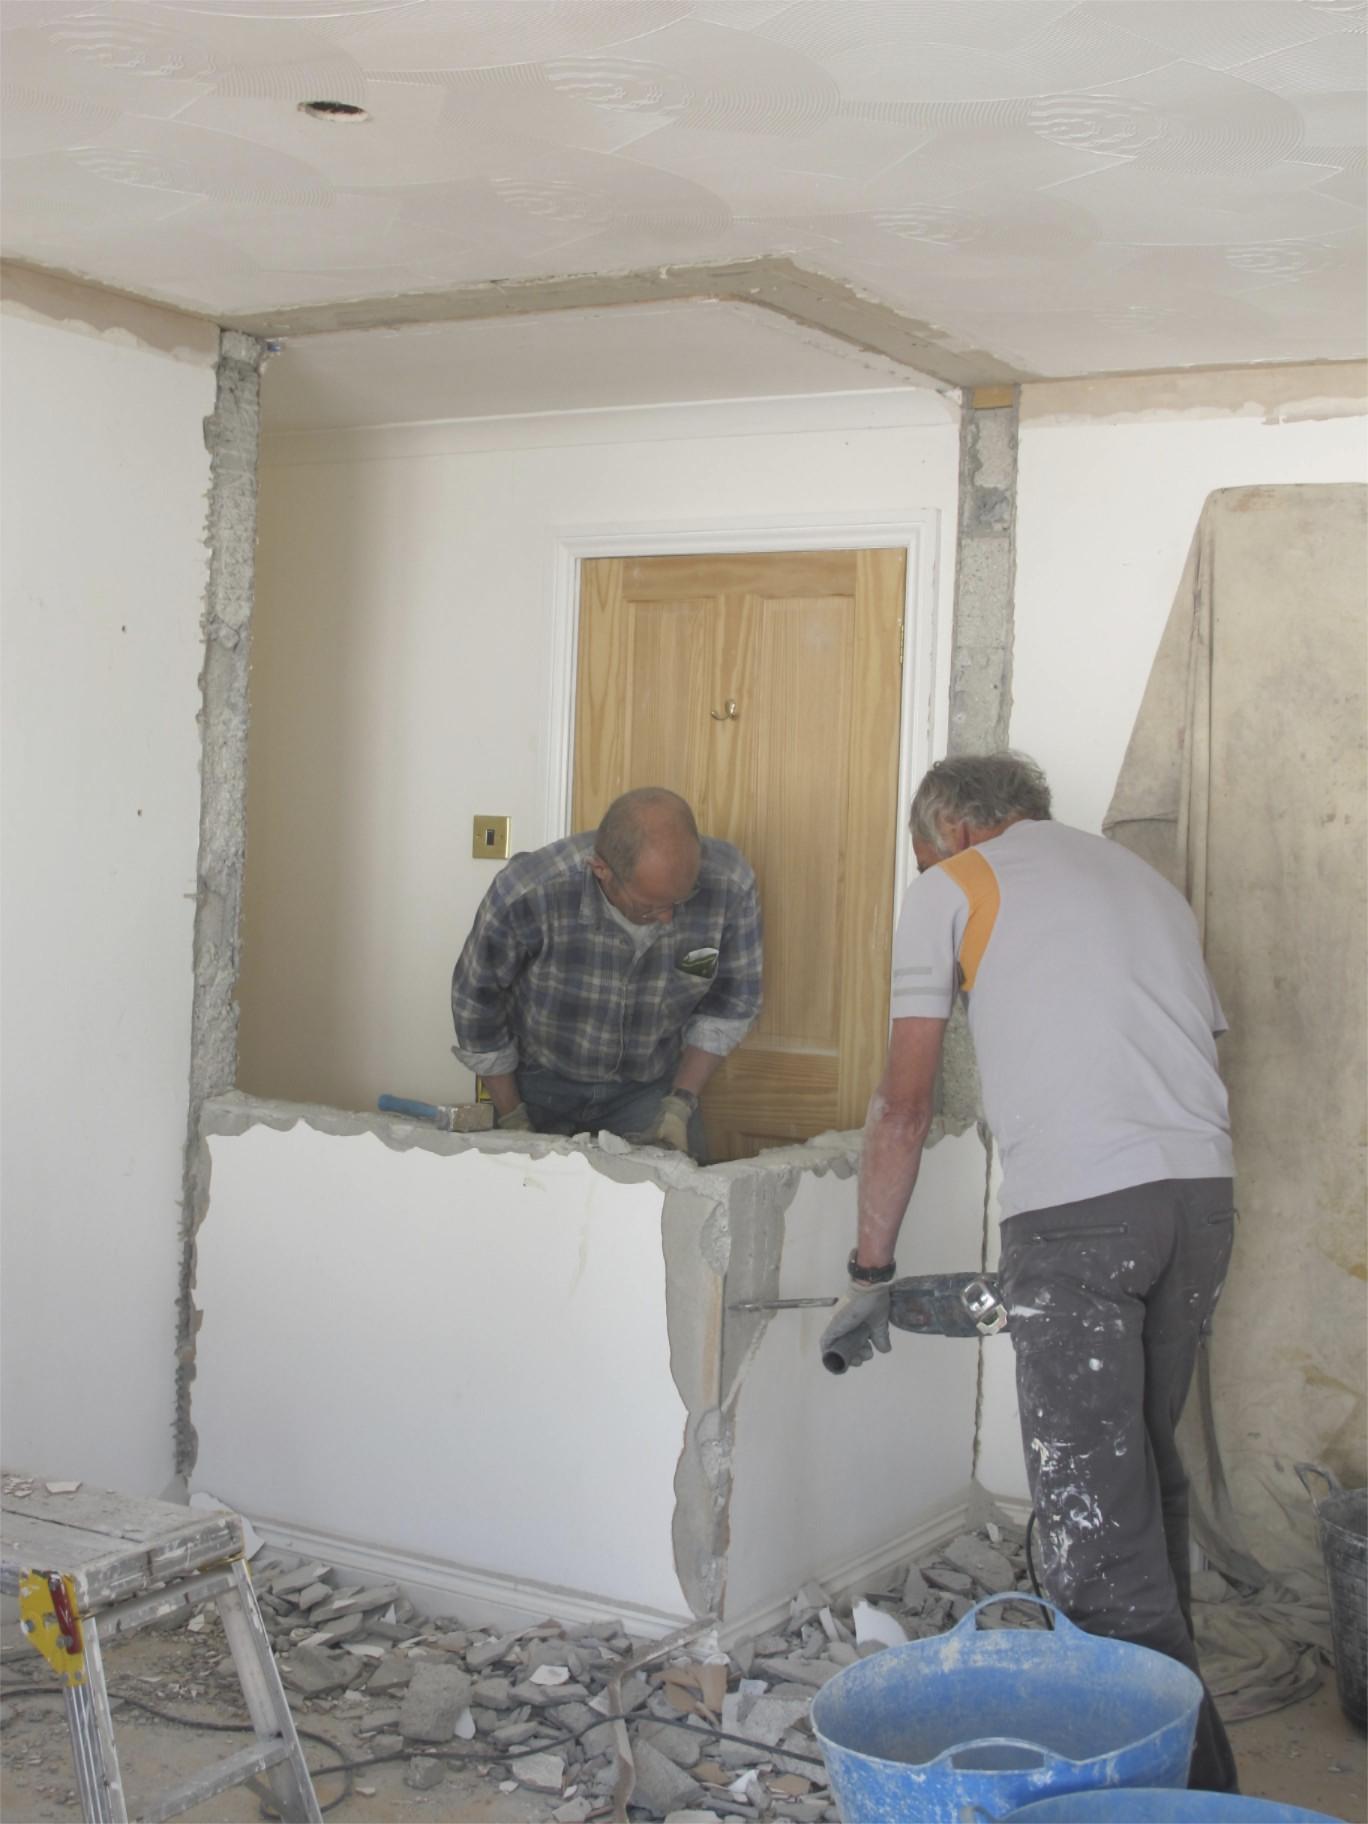 Breaking Down Walls When A Sledgehammer Won't Do